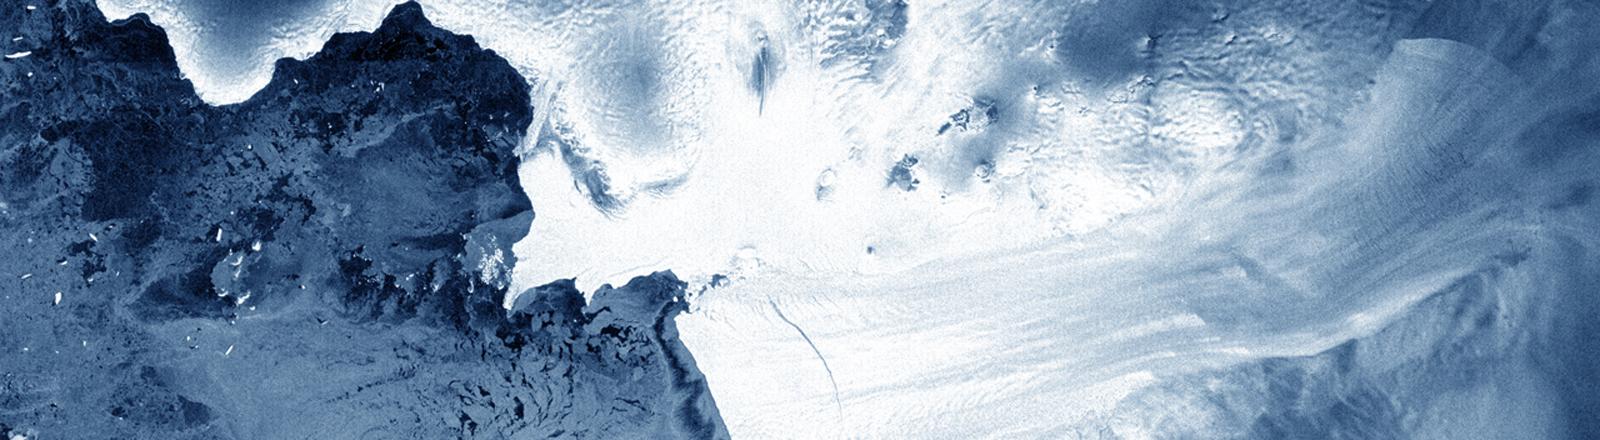 Die Satellitenaufnahme zeigt den Gletsche Pine Island in der West-Antarktis.